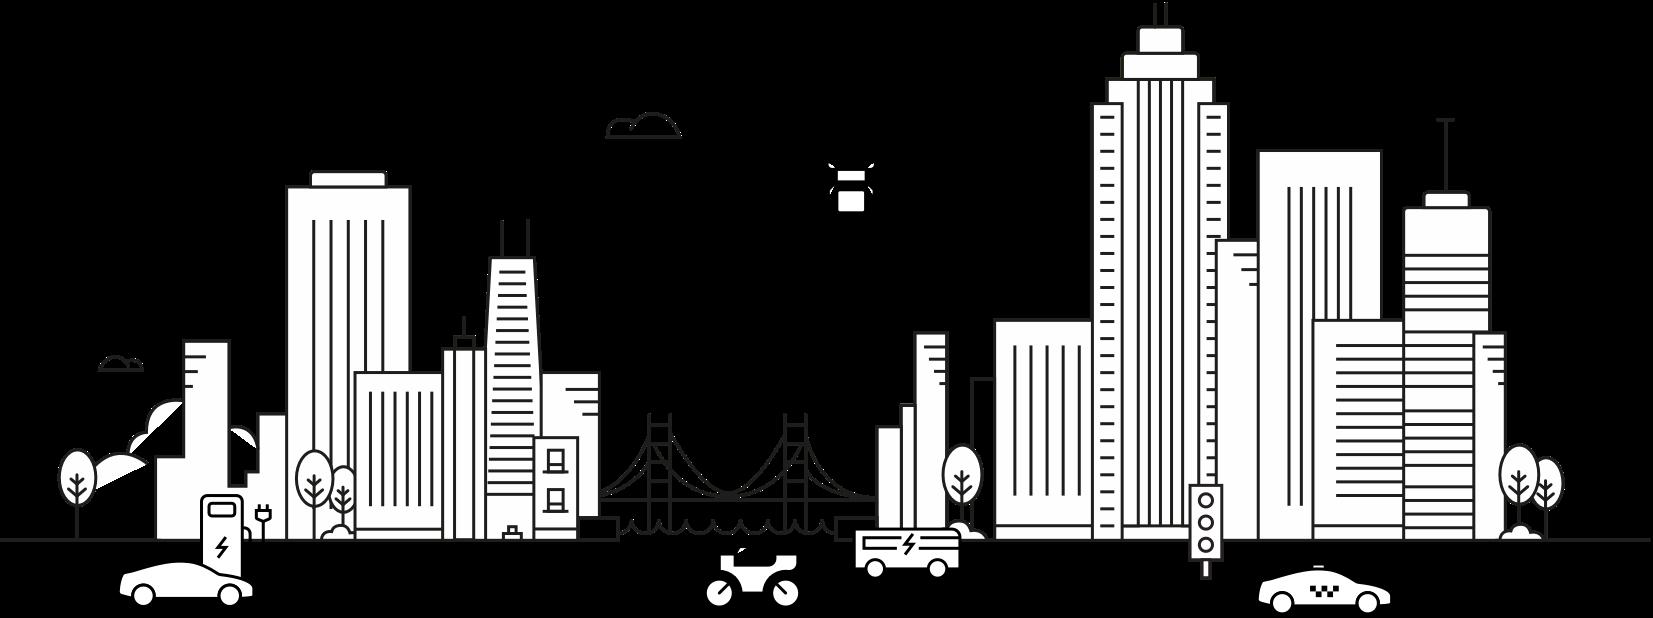 future mobility skyline icon